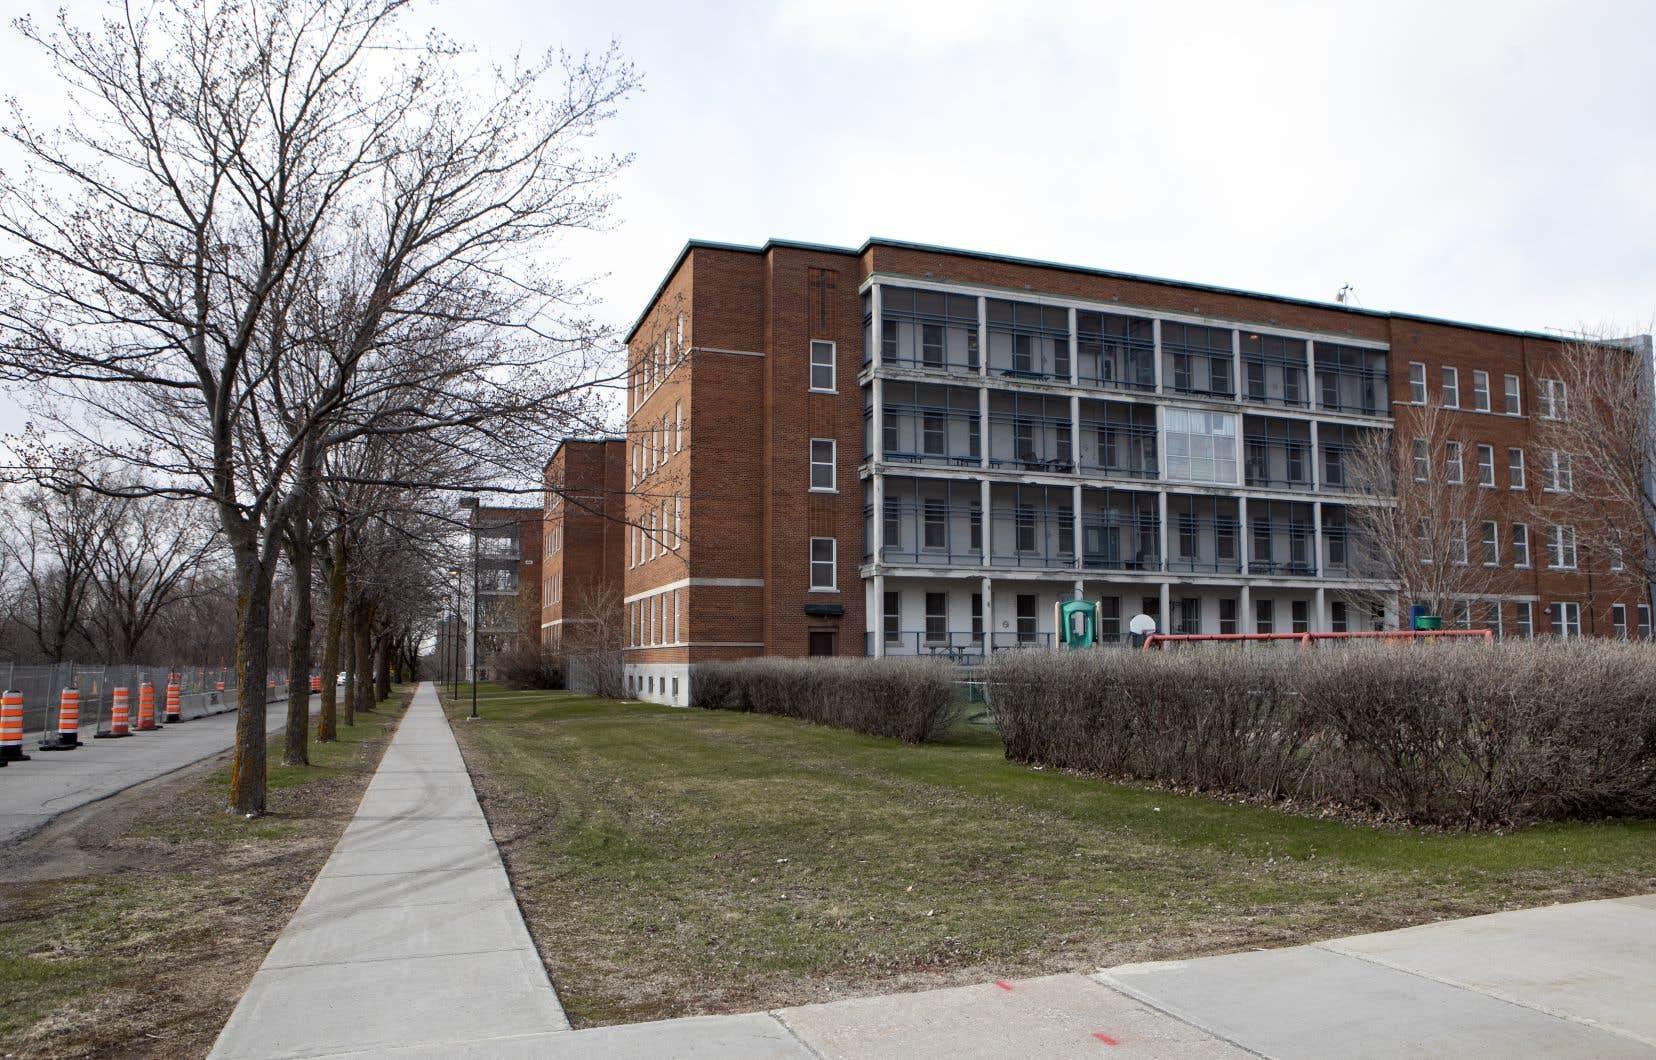 Les six enfants et adolescents d'une unité de réadaptation intensive, située à l'hôpital Rivière-des-Prairies, ont été infectés par la COVID-19.